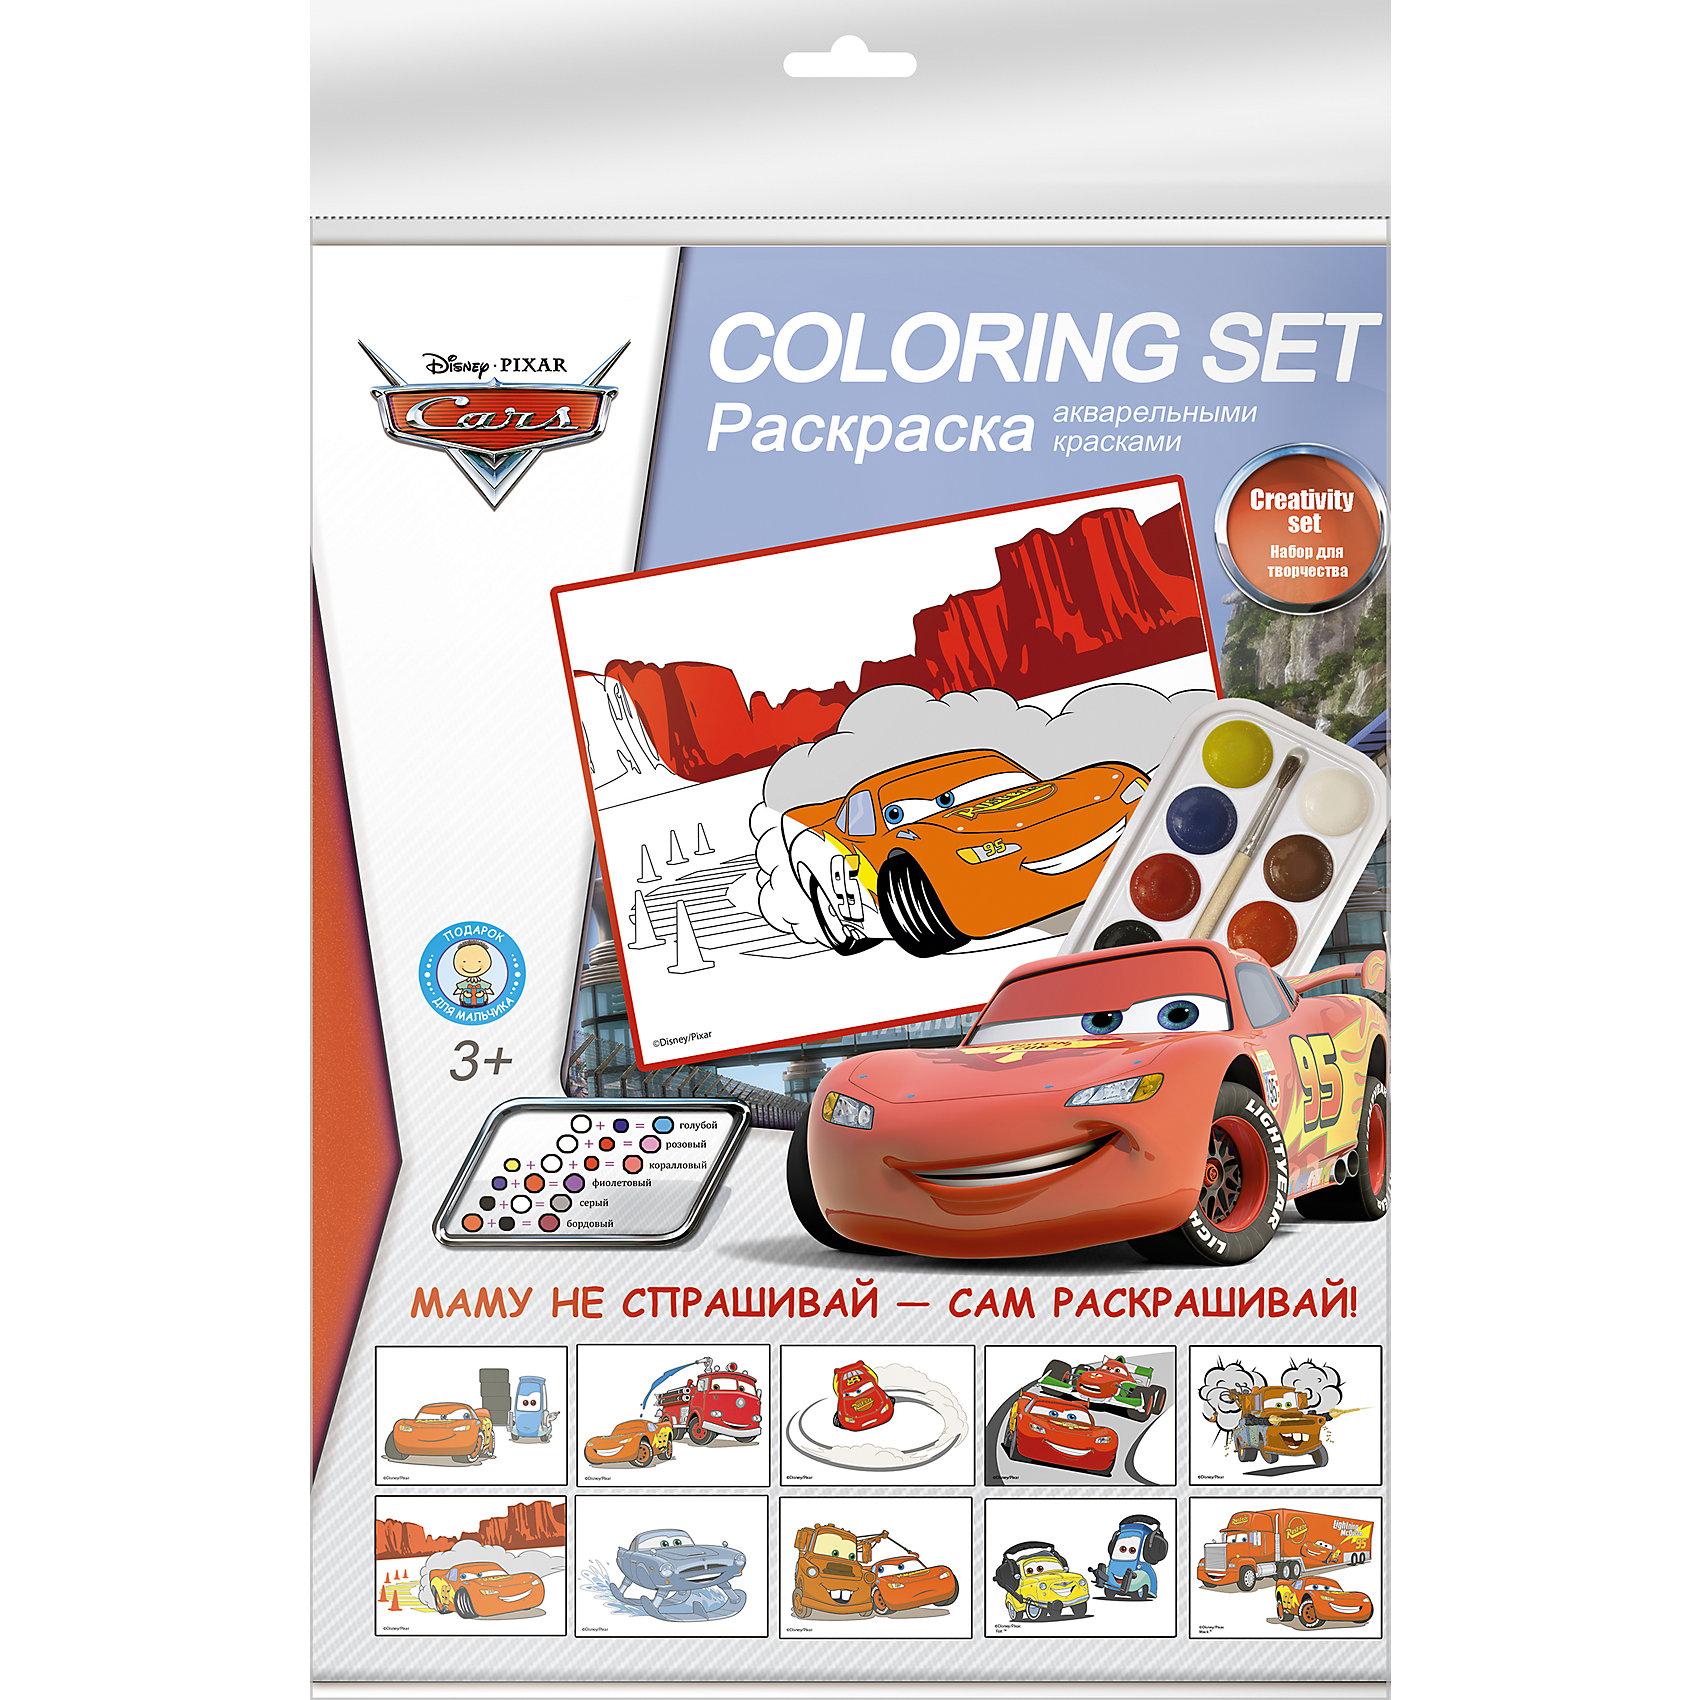 Акварельные раскраски ТачкиВ этом красочном наборе есть все, чтобы организовать досуг ребенка. Дети обожают раскраски, а рисовать с любимыми героями - приятно вдвойне! <br><br>Дополнительная информация:<br><br>- Материал: пластик, бумага, краски.<br>- Комплектация: краски (8 цветов), кисть, 10 раскрасок. <br>- Размер упаковки: 20х30 см.<br><br>Набор для детского творчества Тачки (Cars) можно купить в нашем магазине.<br><br>Ширина мм: 12<br>Глубина мм: 197<br>Высота мм: 302<br>Вес г: 100<br>Возраст от месяцев: 48<br>Возраст до месяцев: 84<br>Пол: Мужской<br>Возраст: Детский<br>SKU: 4319917